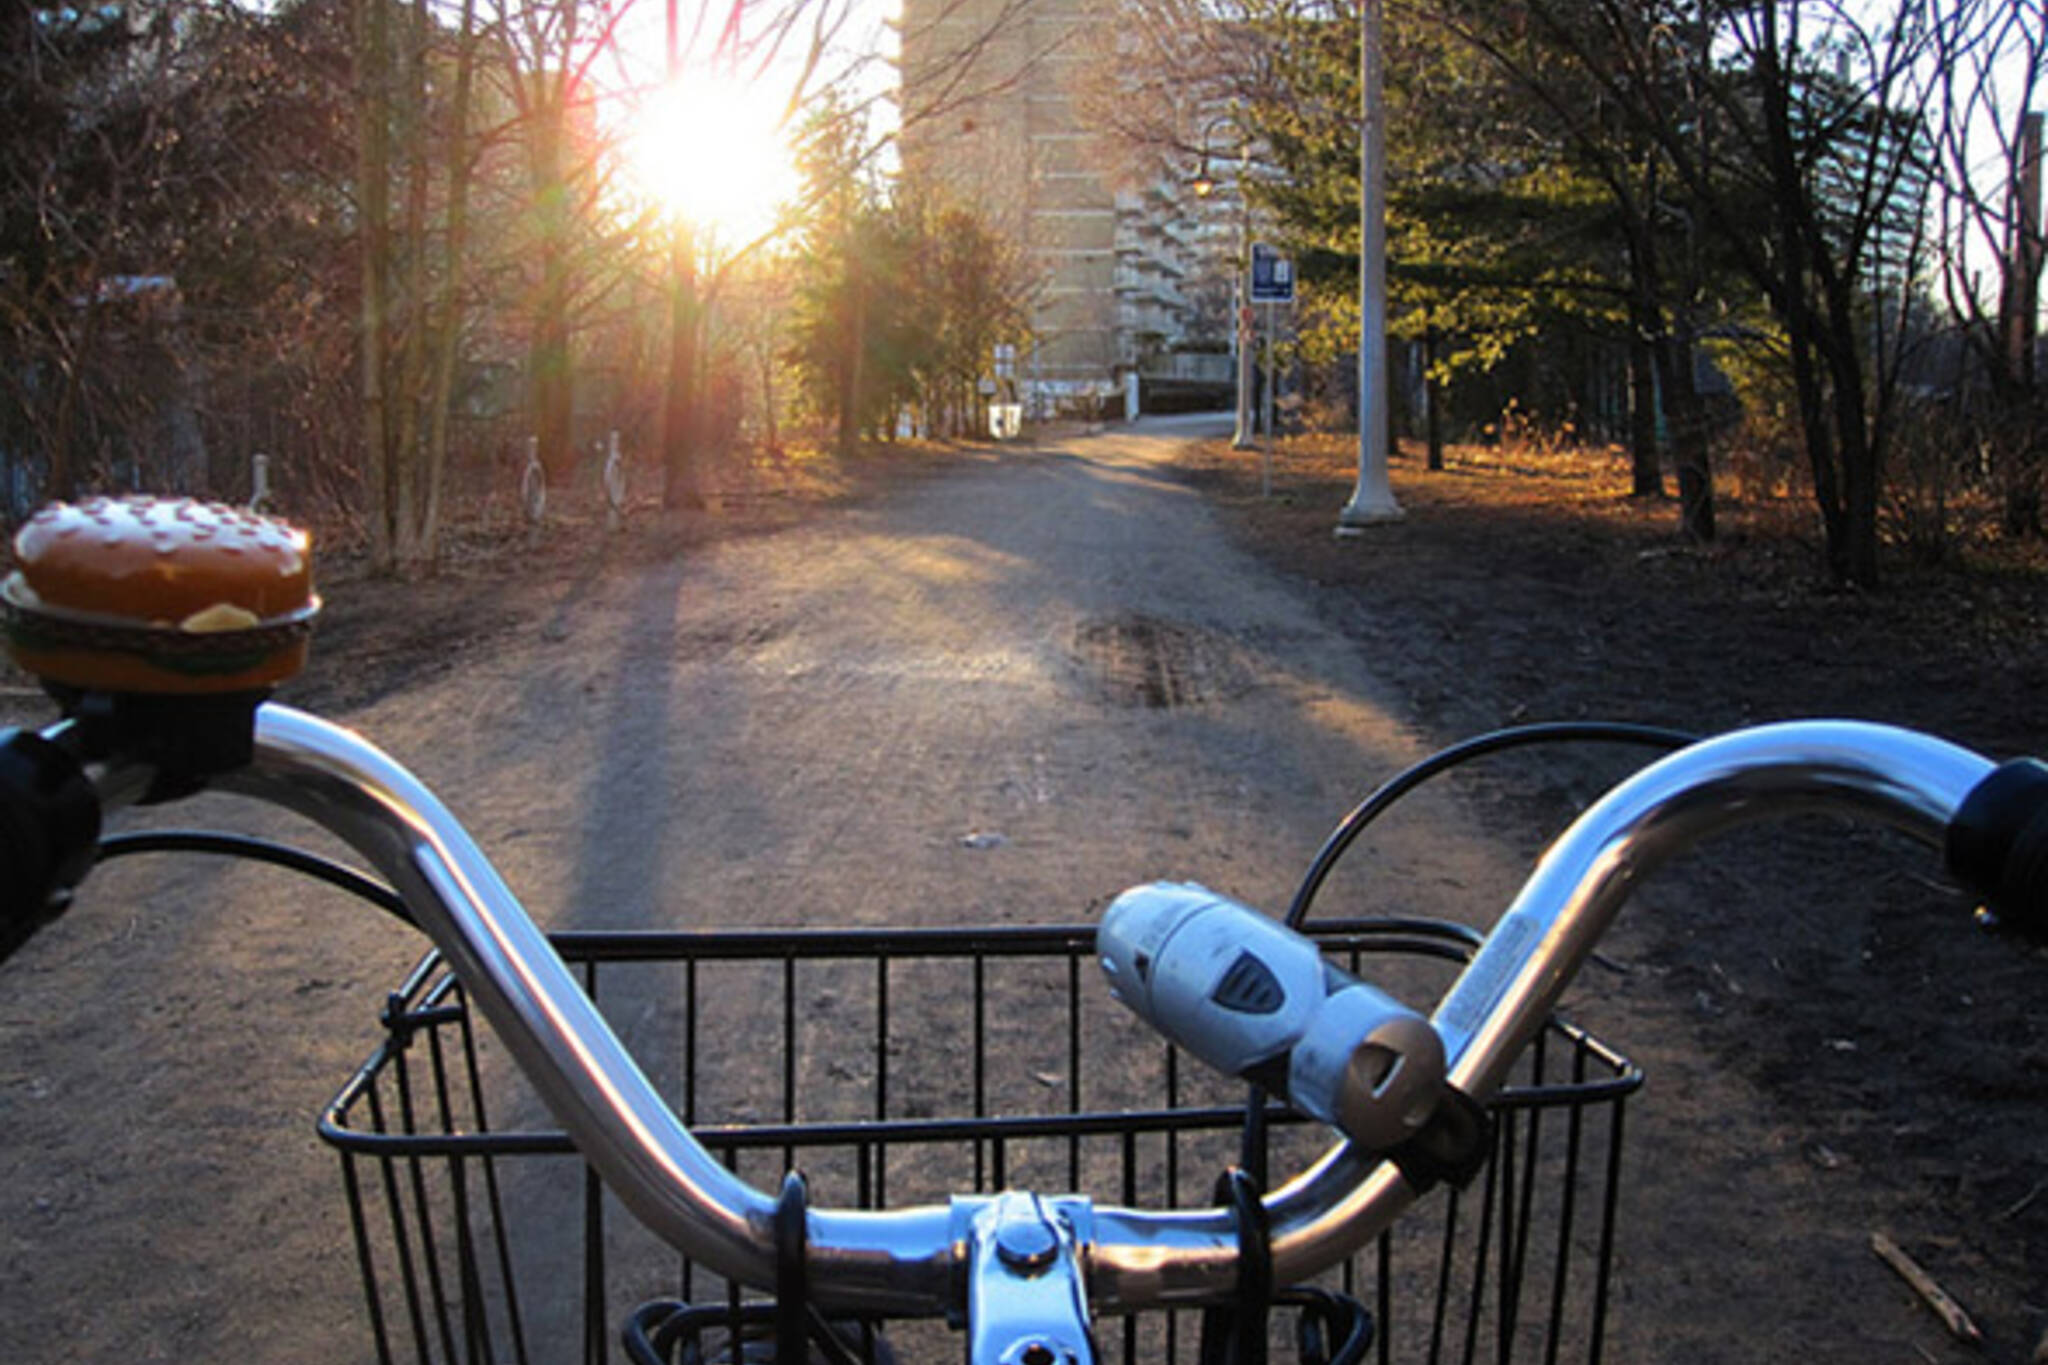 cold bike ride